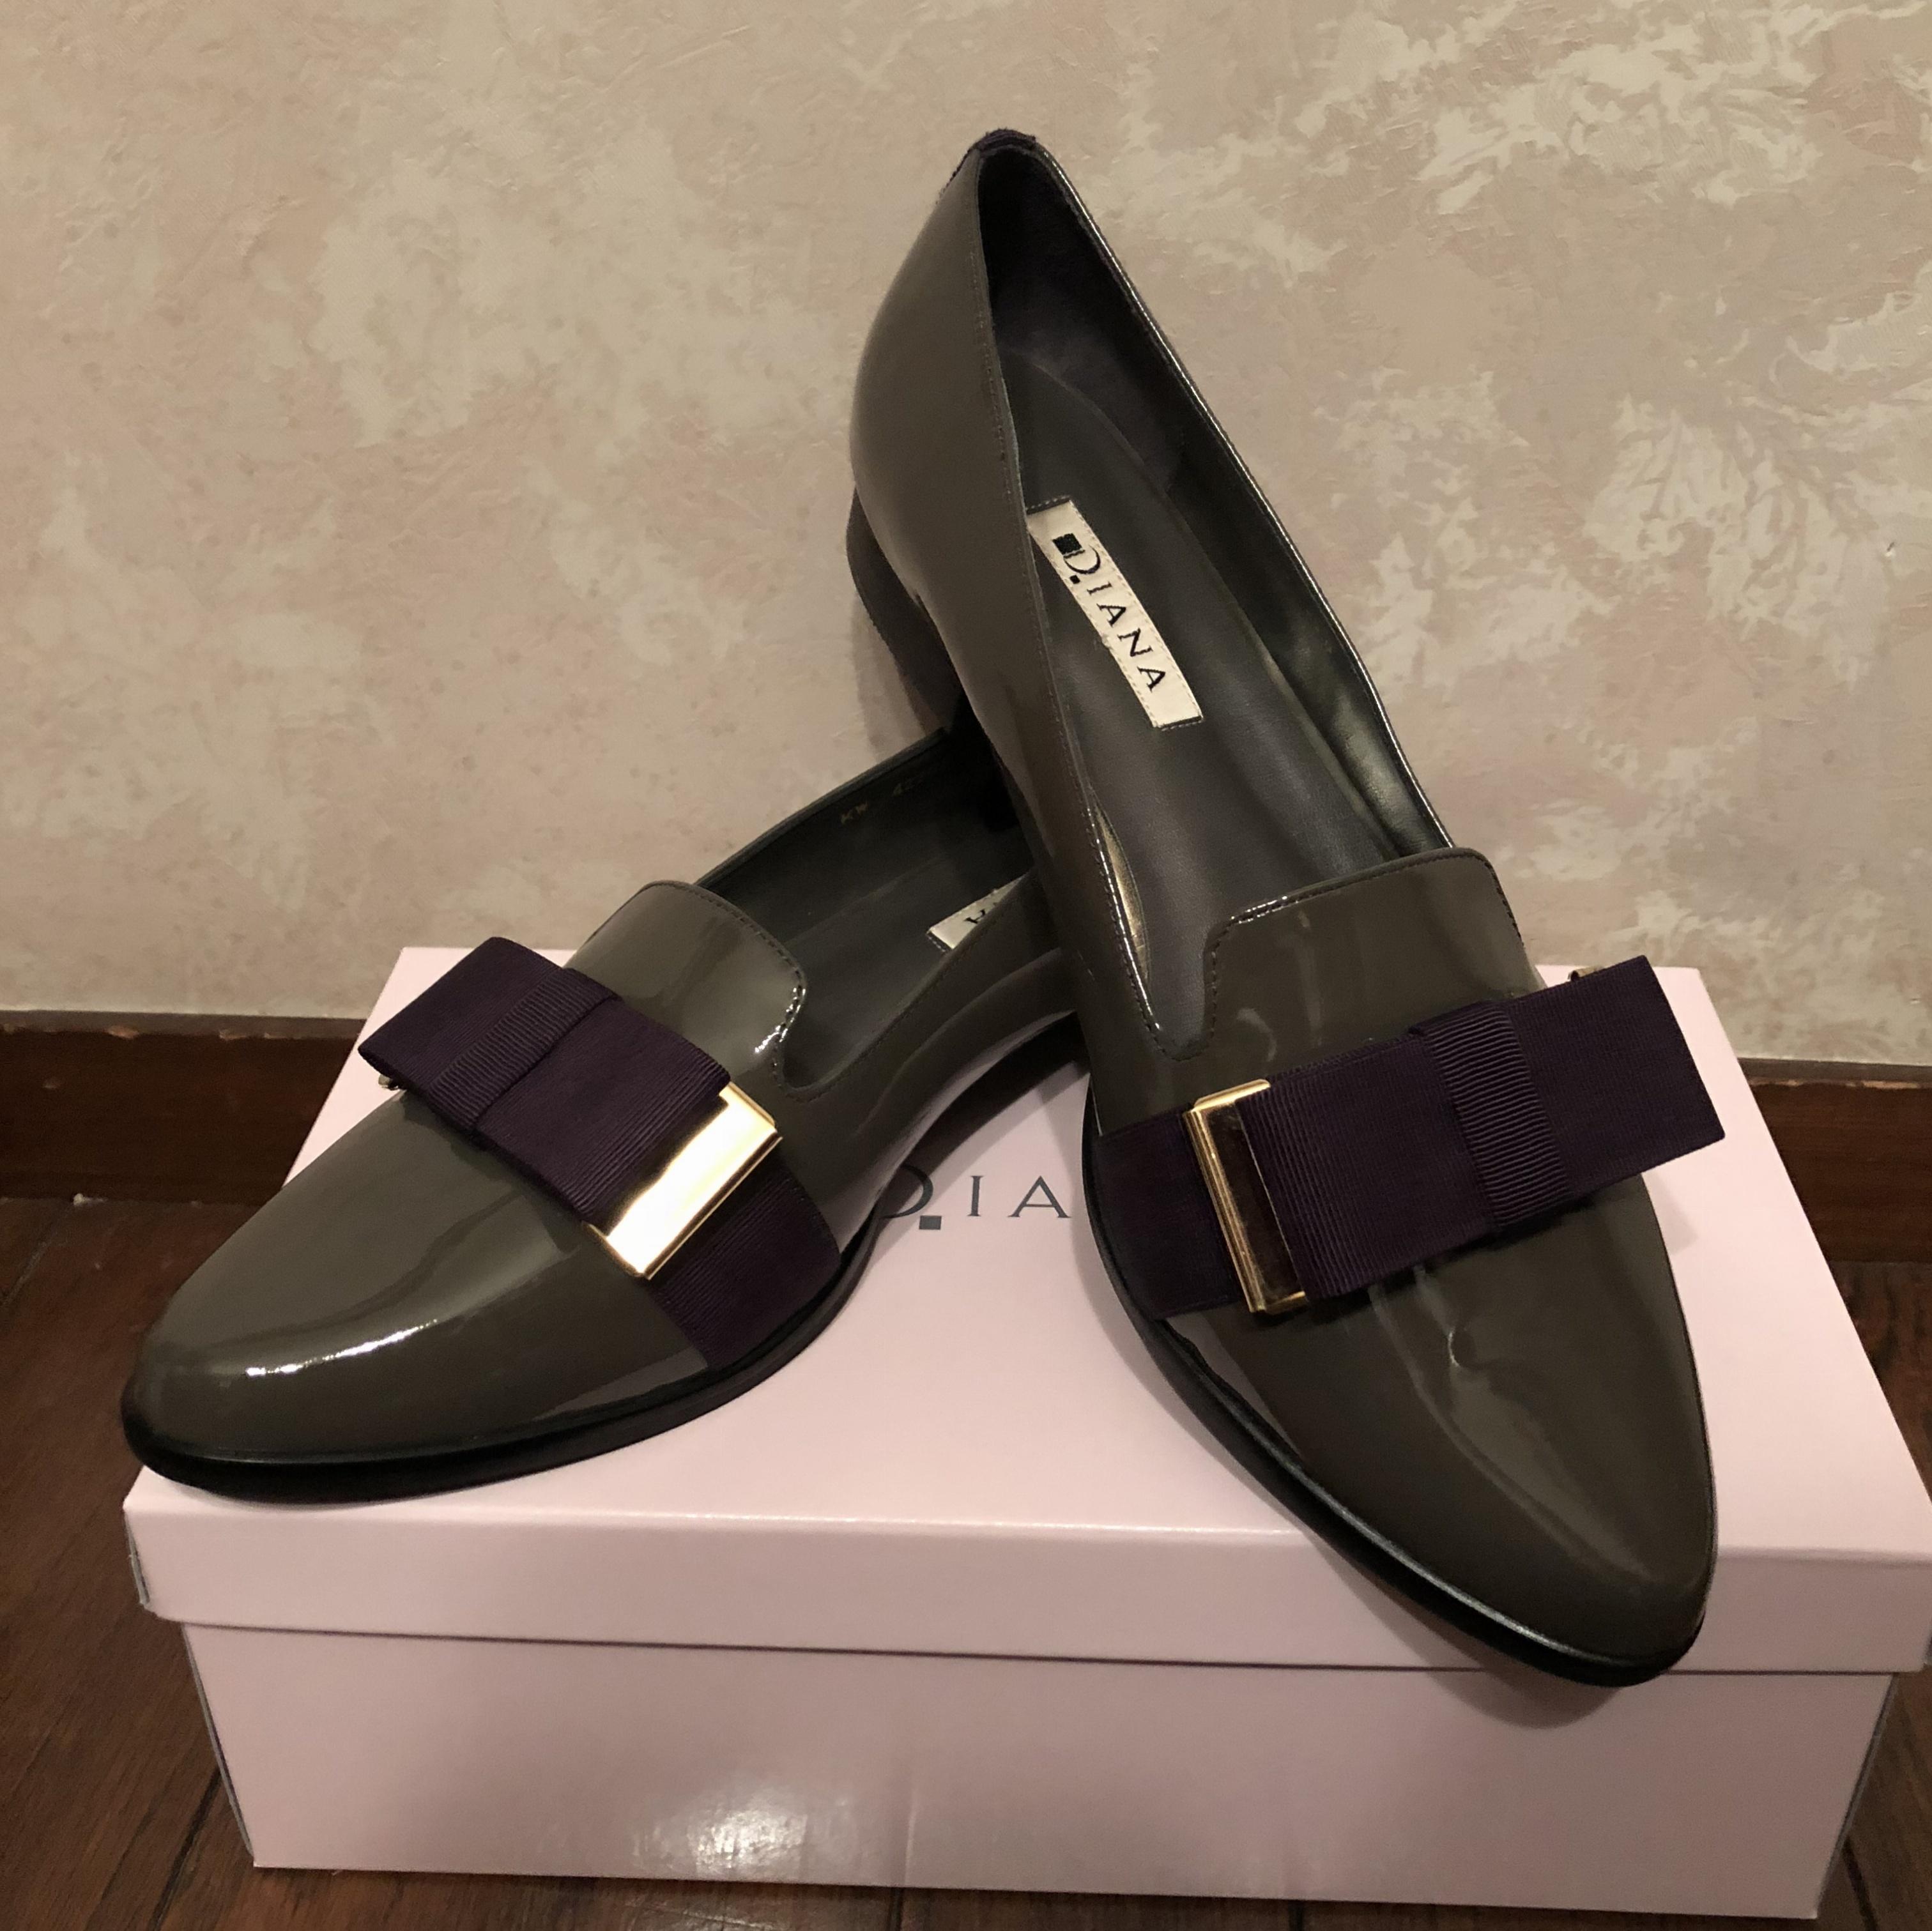 《ファッション》雨でも履ける DIANAの靴_1